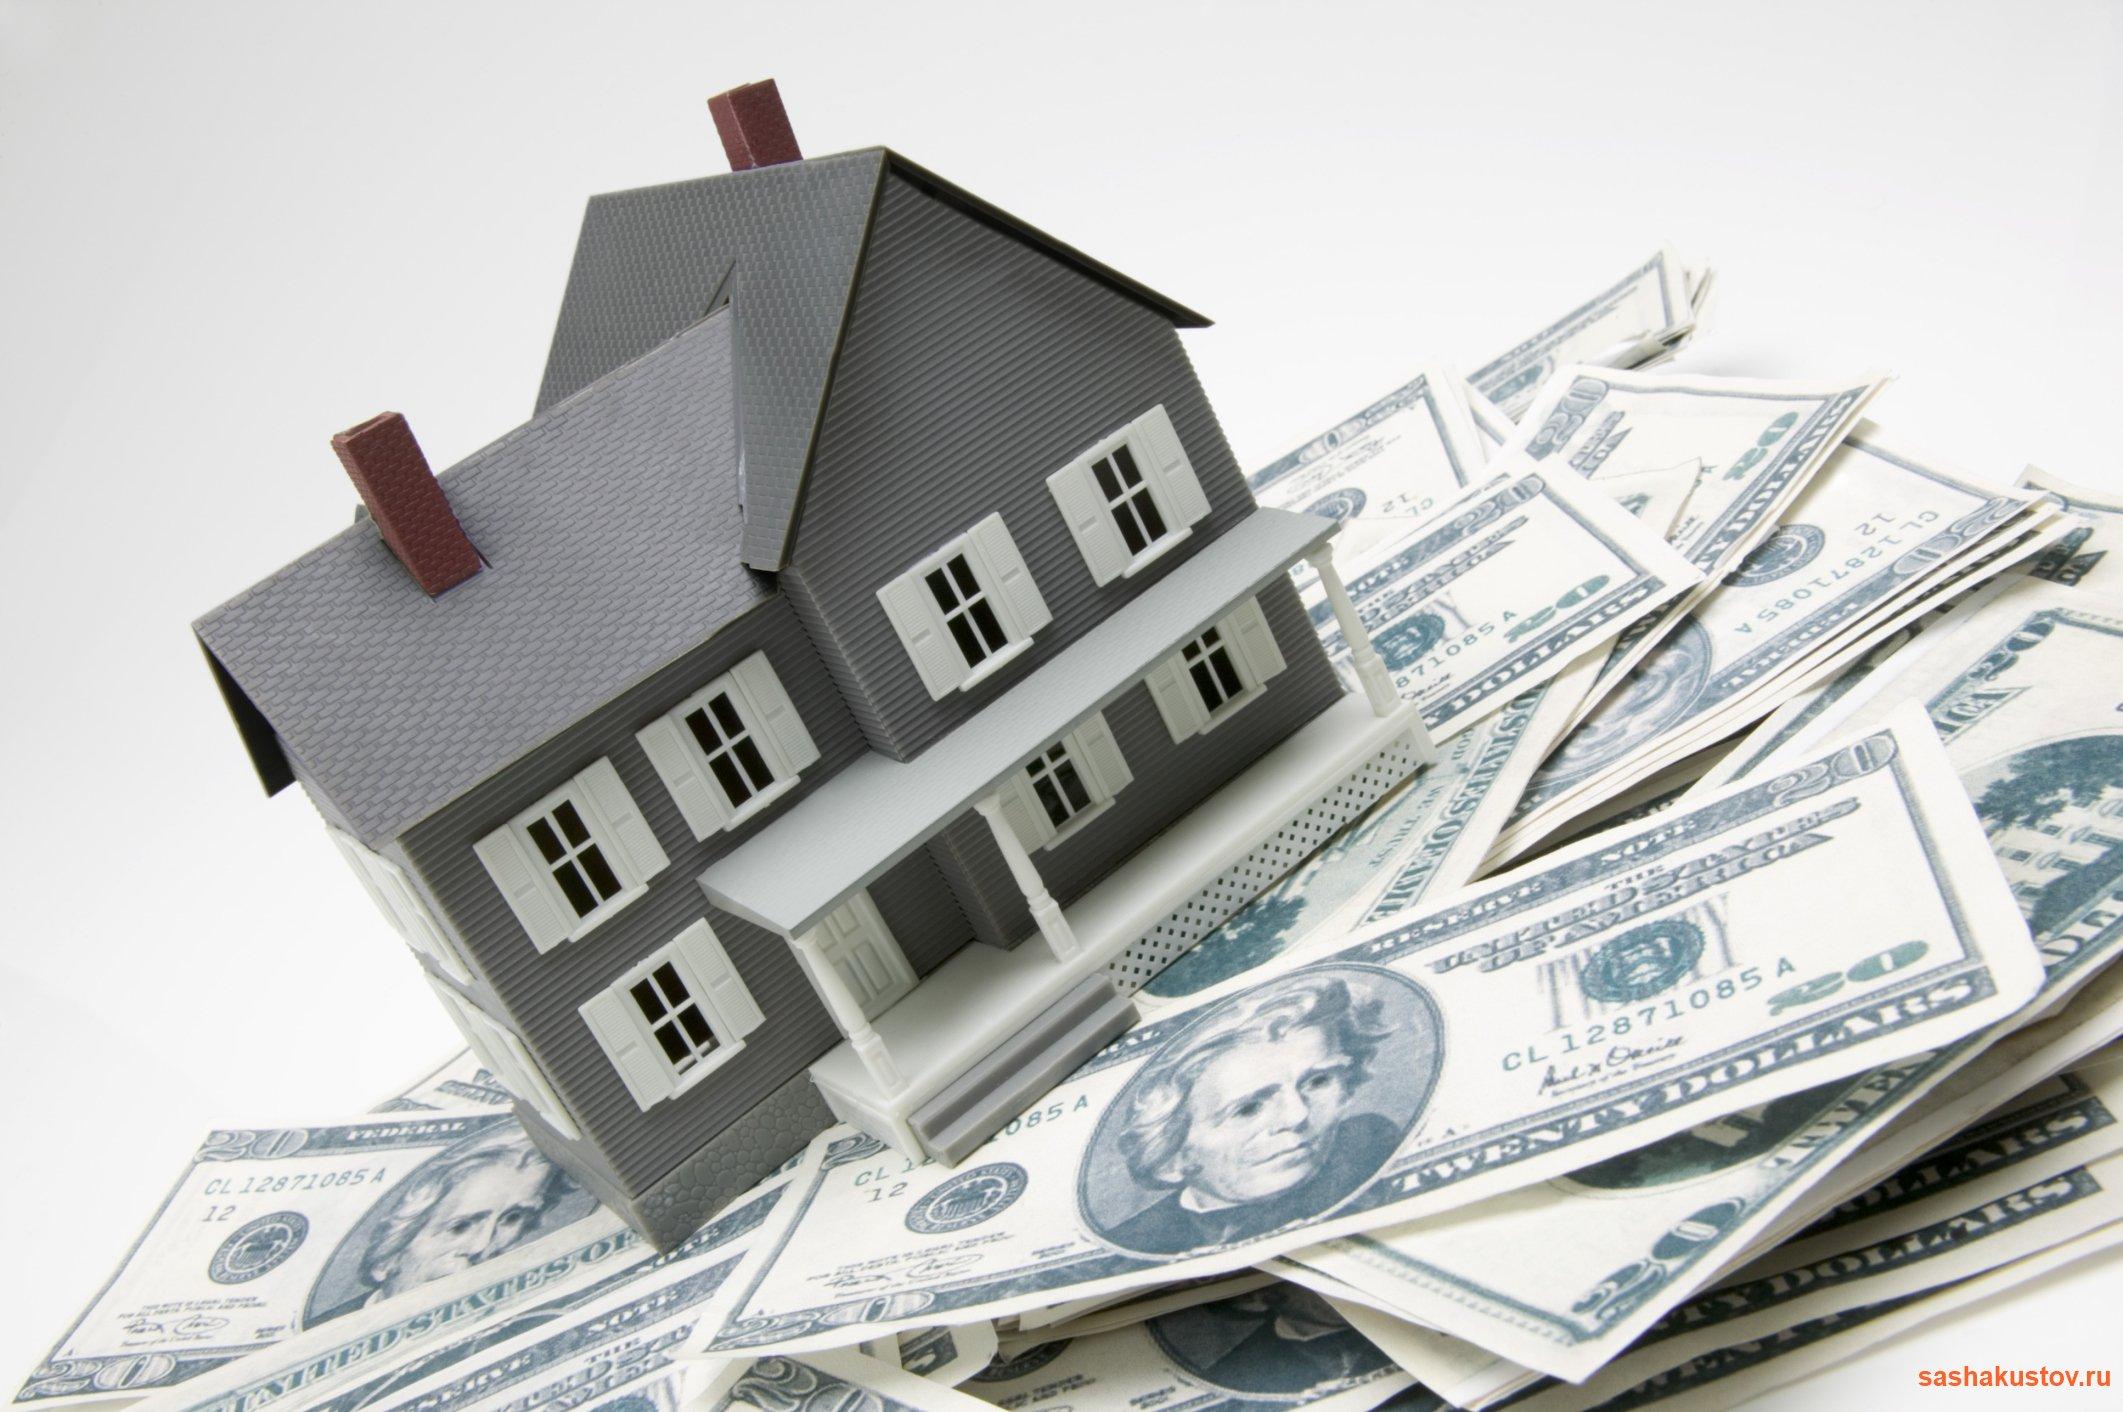 Получить деньги, если есть кредиты в других банках?